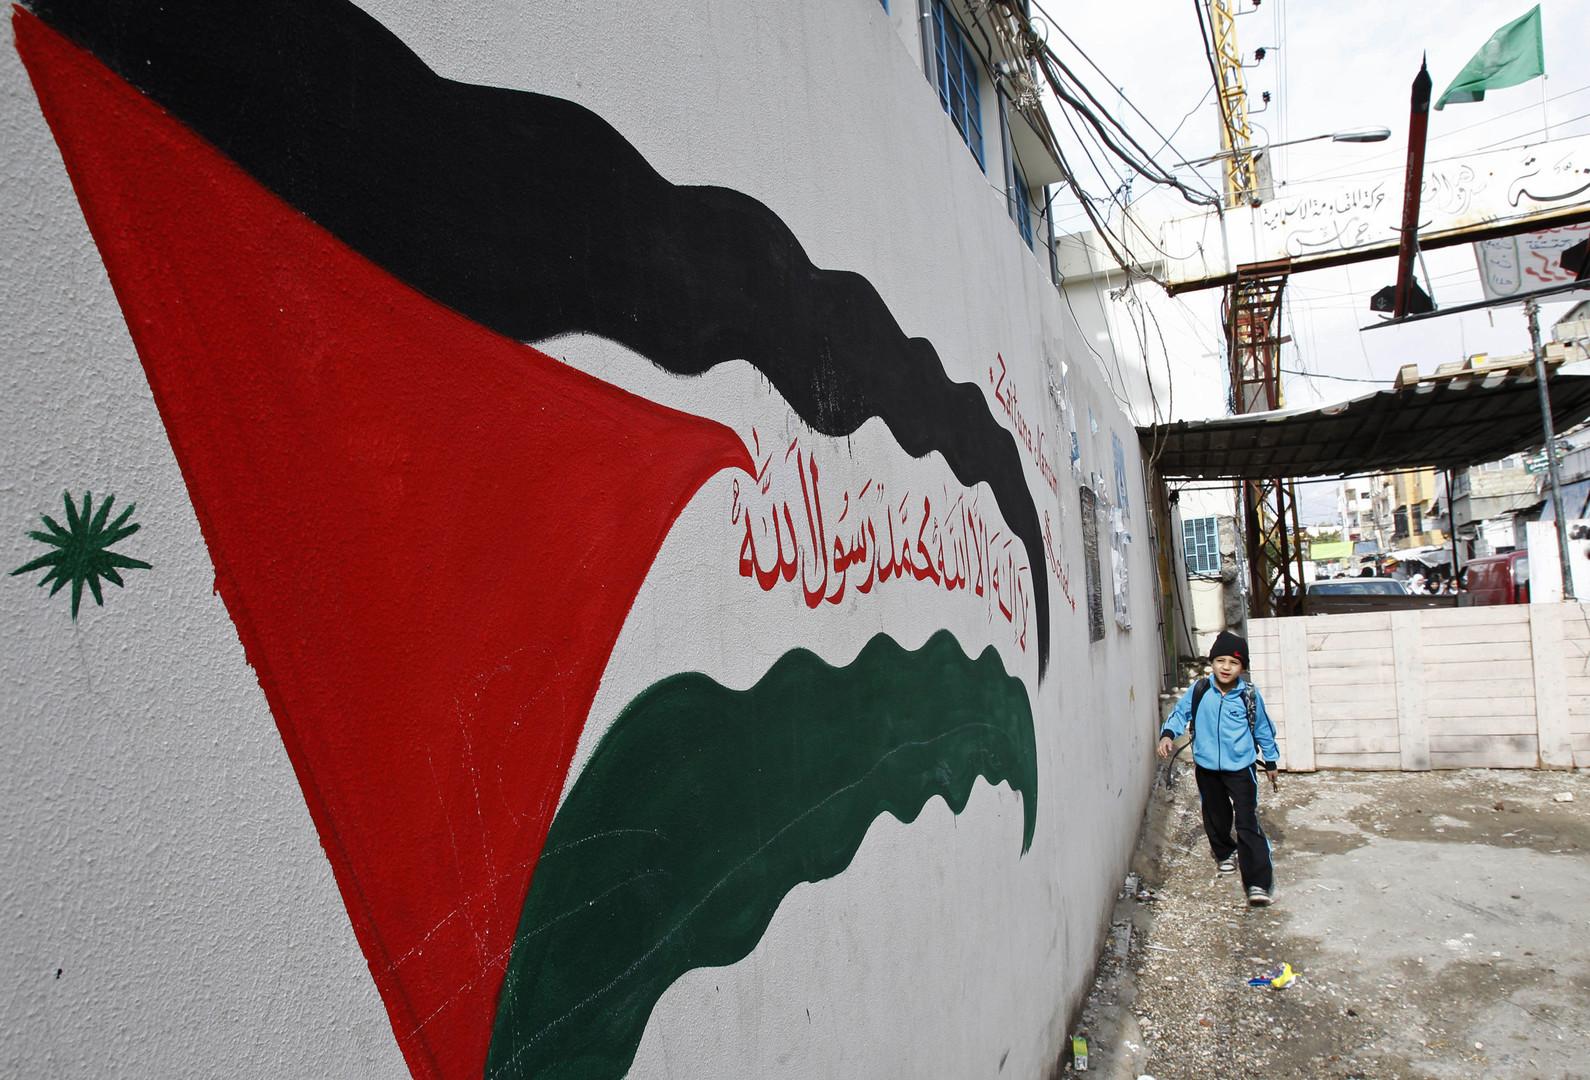 مخيم عين الحلوة، لبنان- أرشيف